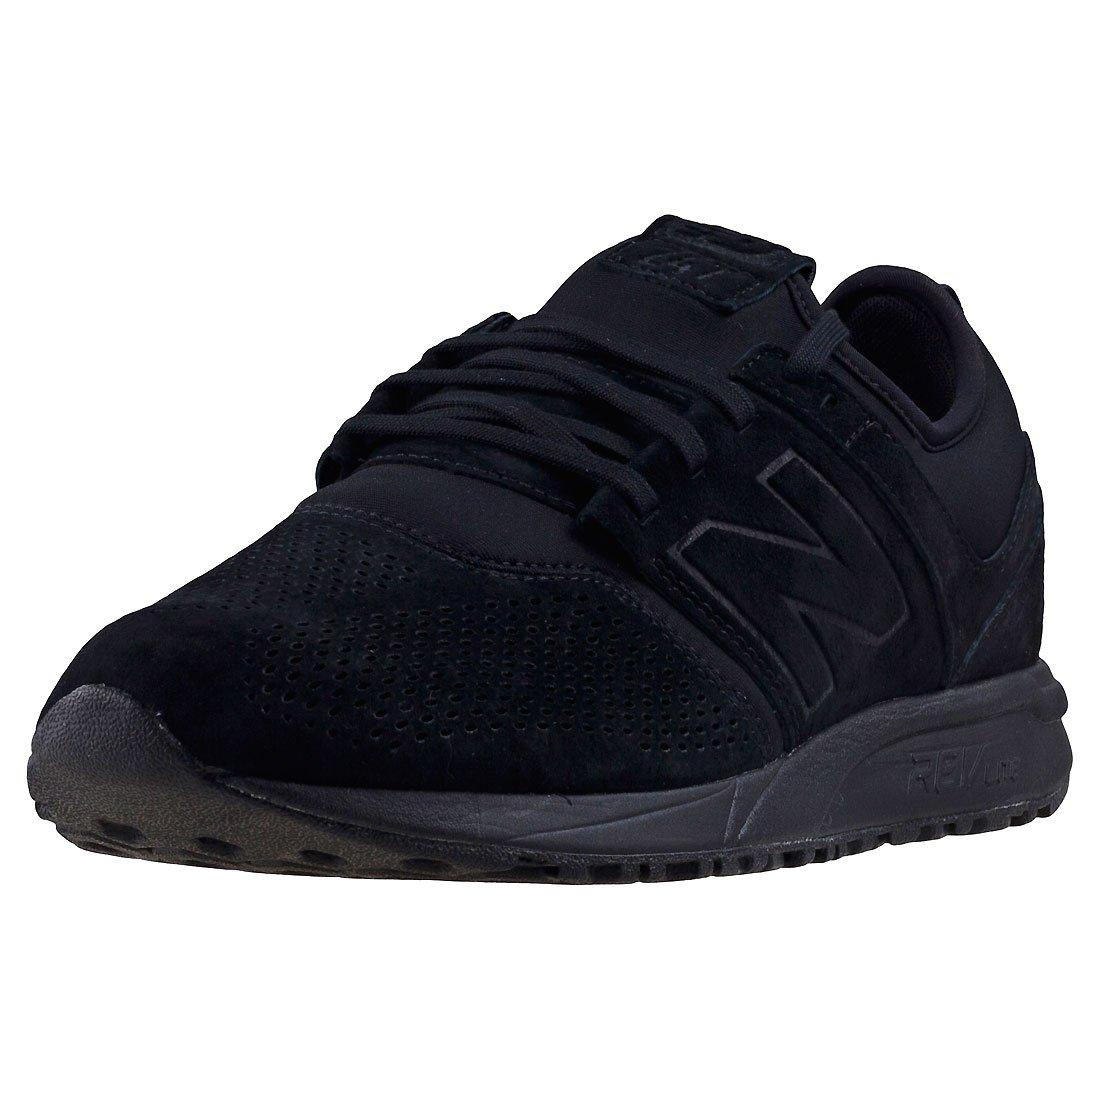 New Balance MRL247 Calzado 42.5 EU|Negro Venta de calzado deportivo de moda en línea